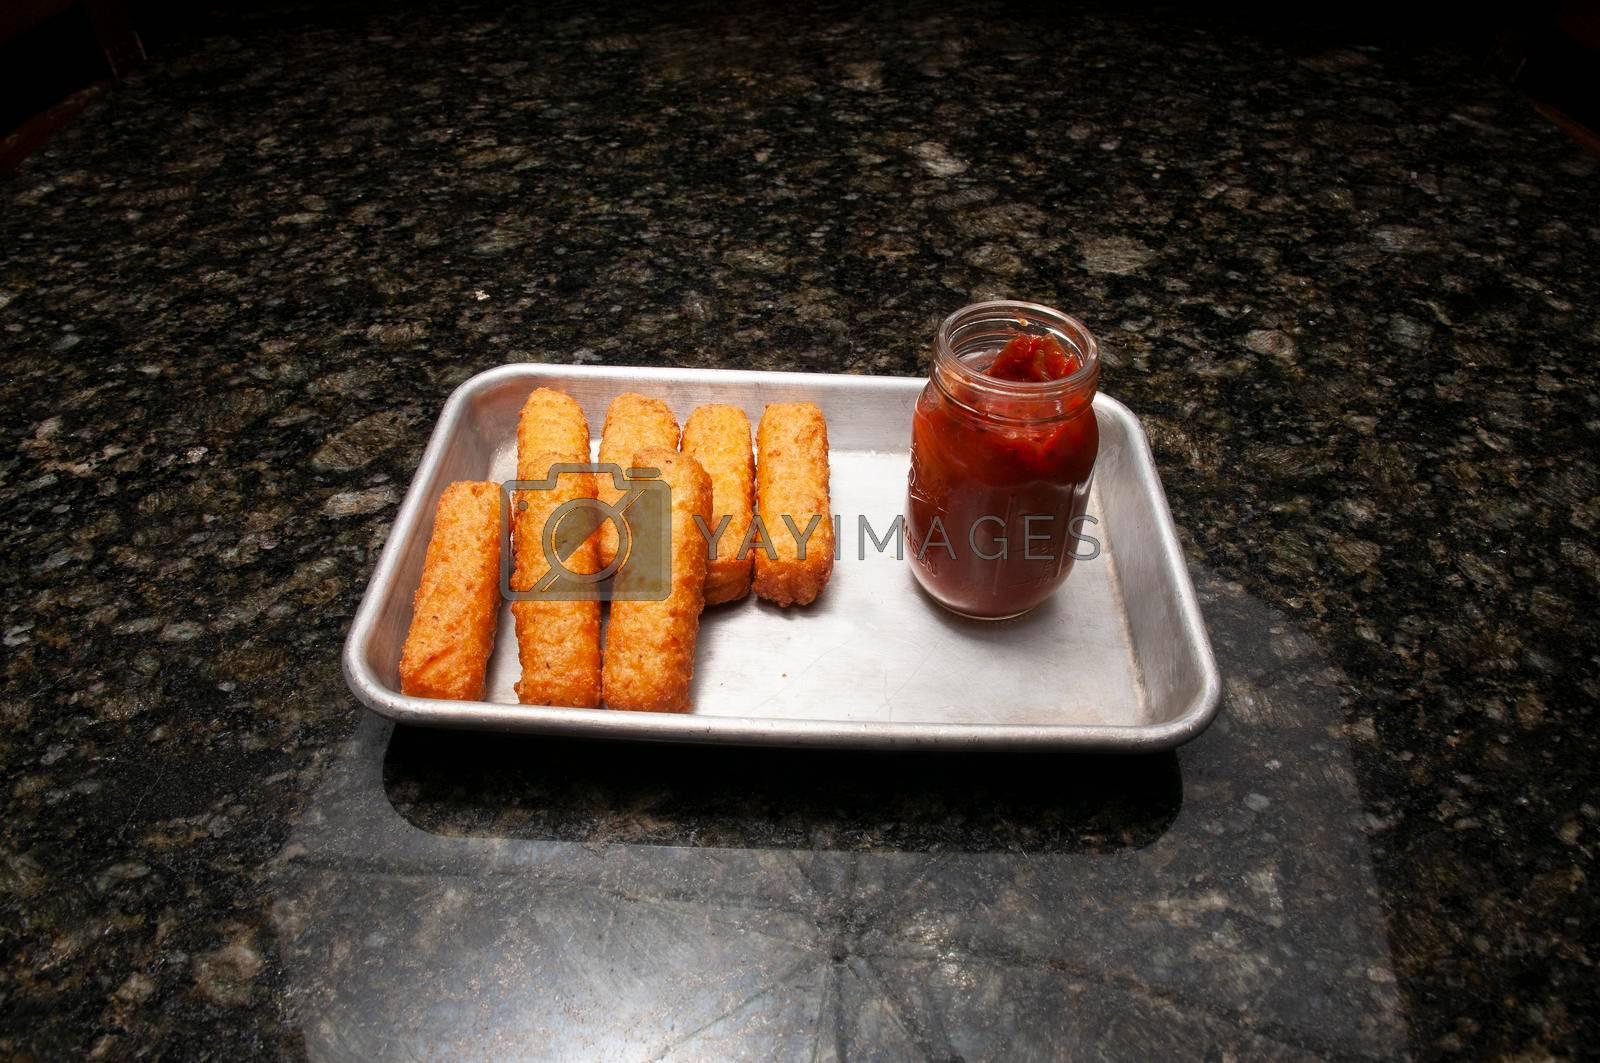 American cuisine dish known a Mozzarella Sticks